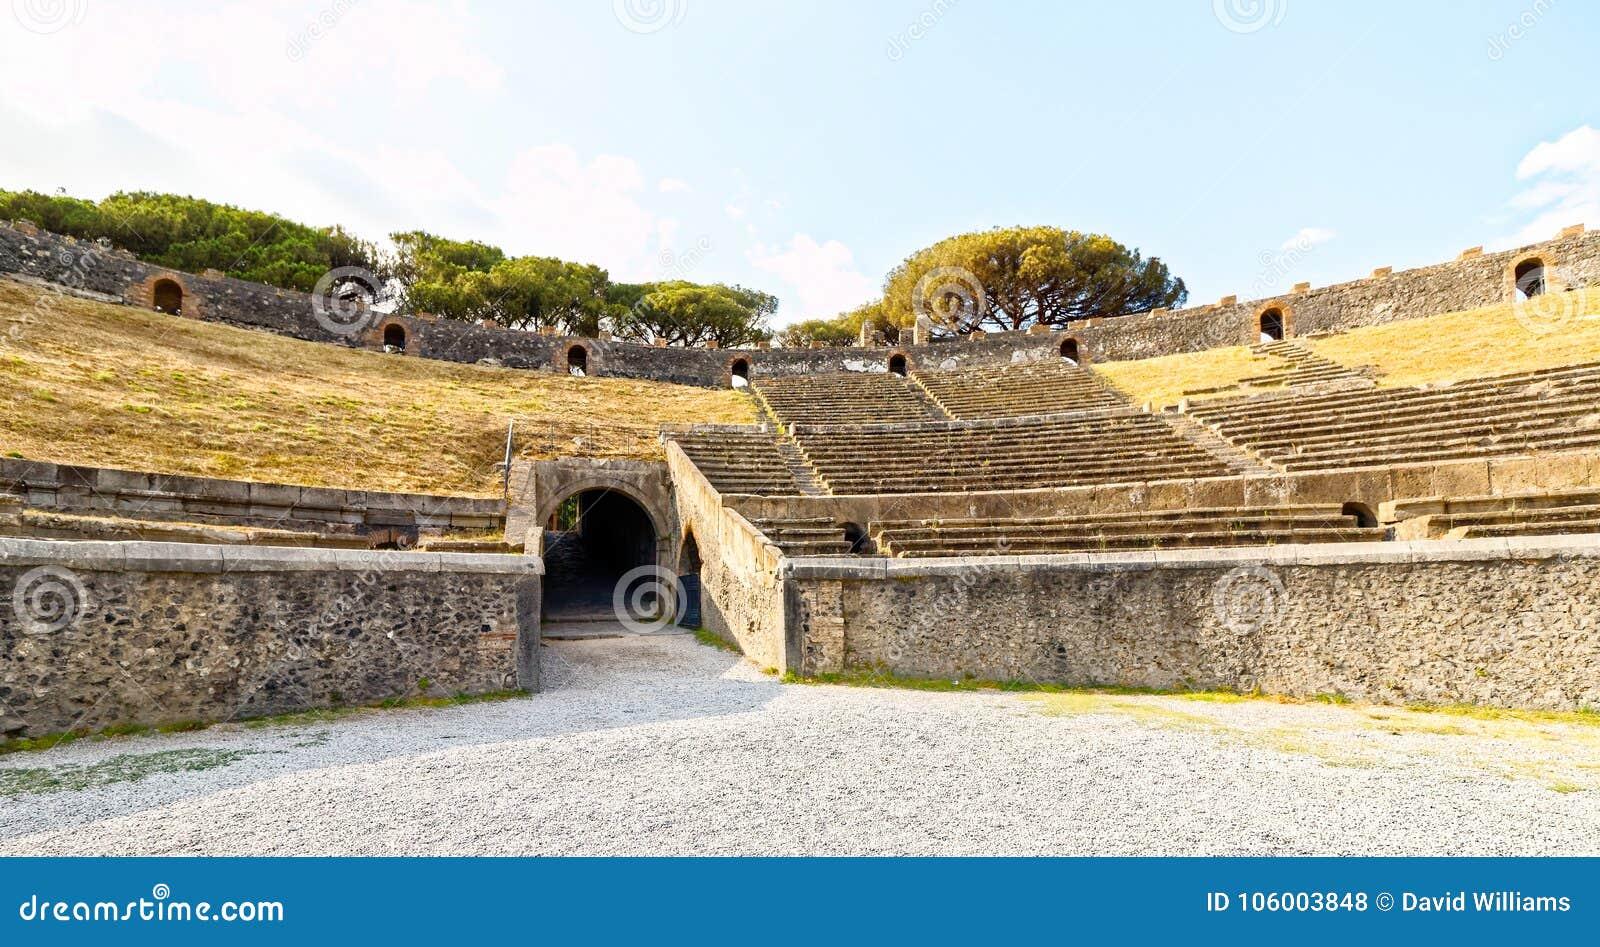 Αμφιθέατρο της Πομπηίας, Νάπολη, Ιταλία